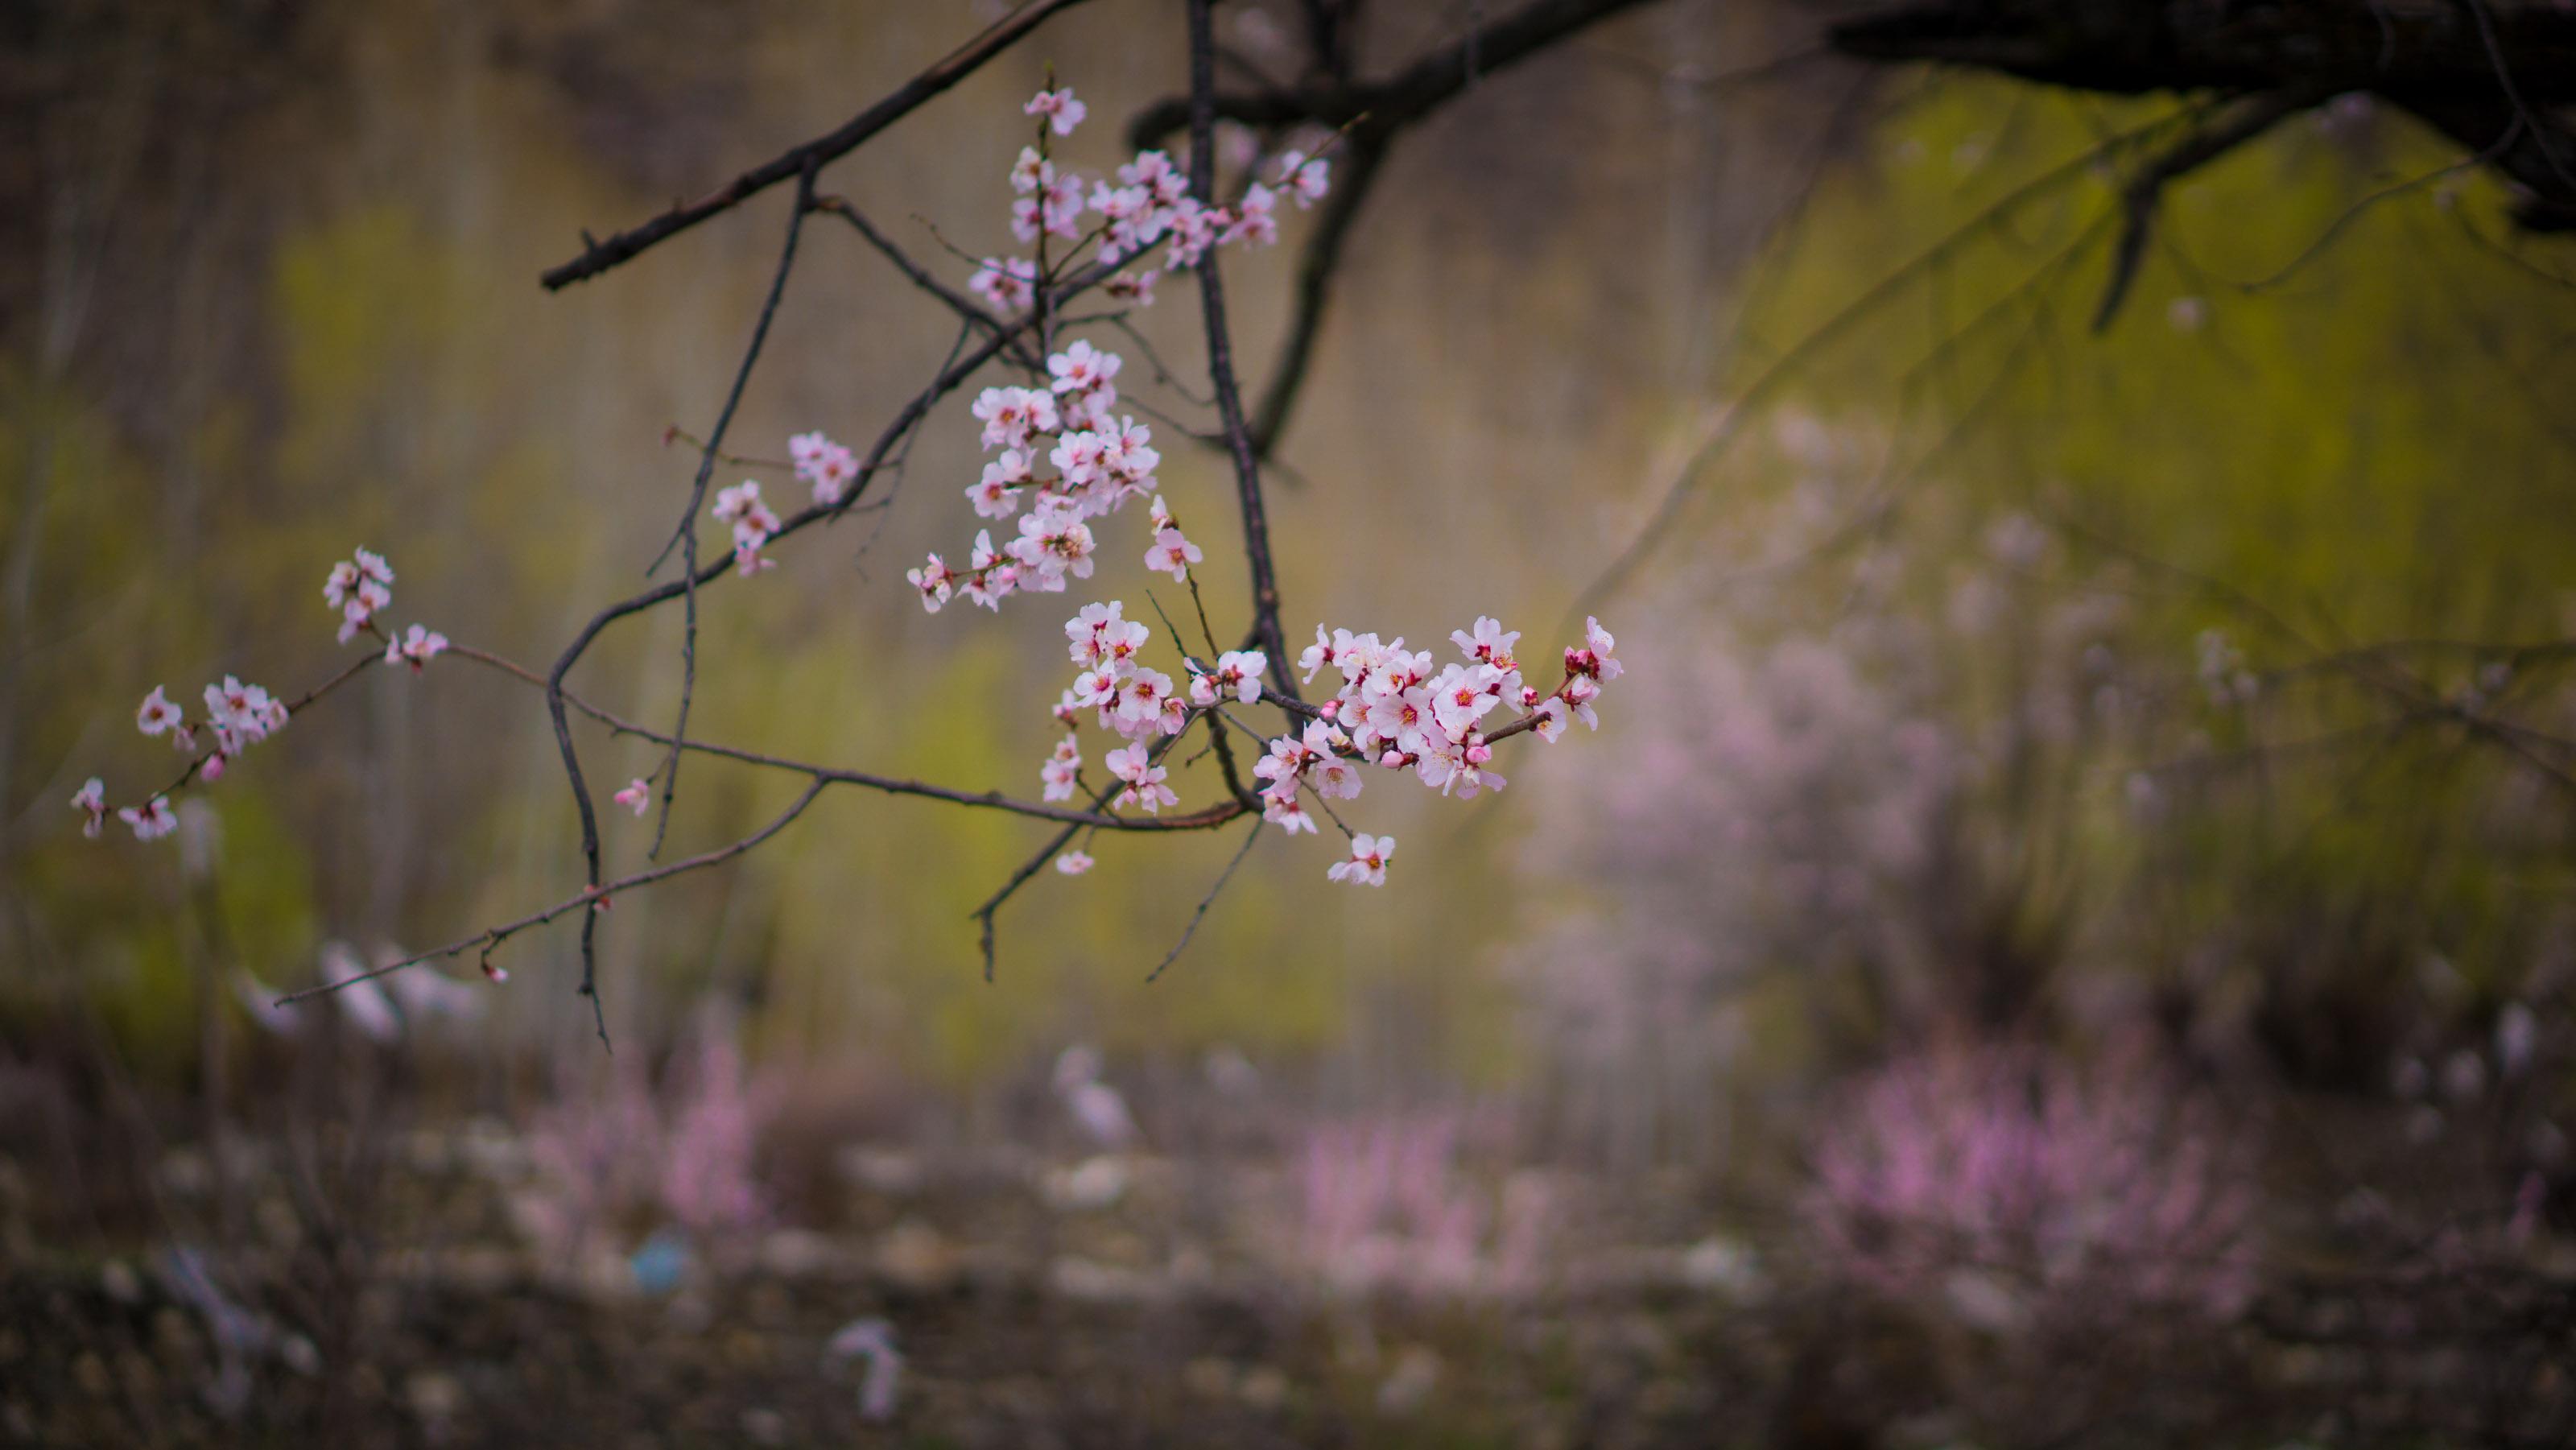 三分赤子心作品:4月的桃花